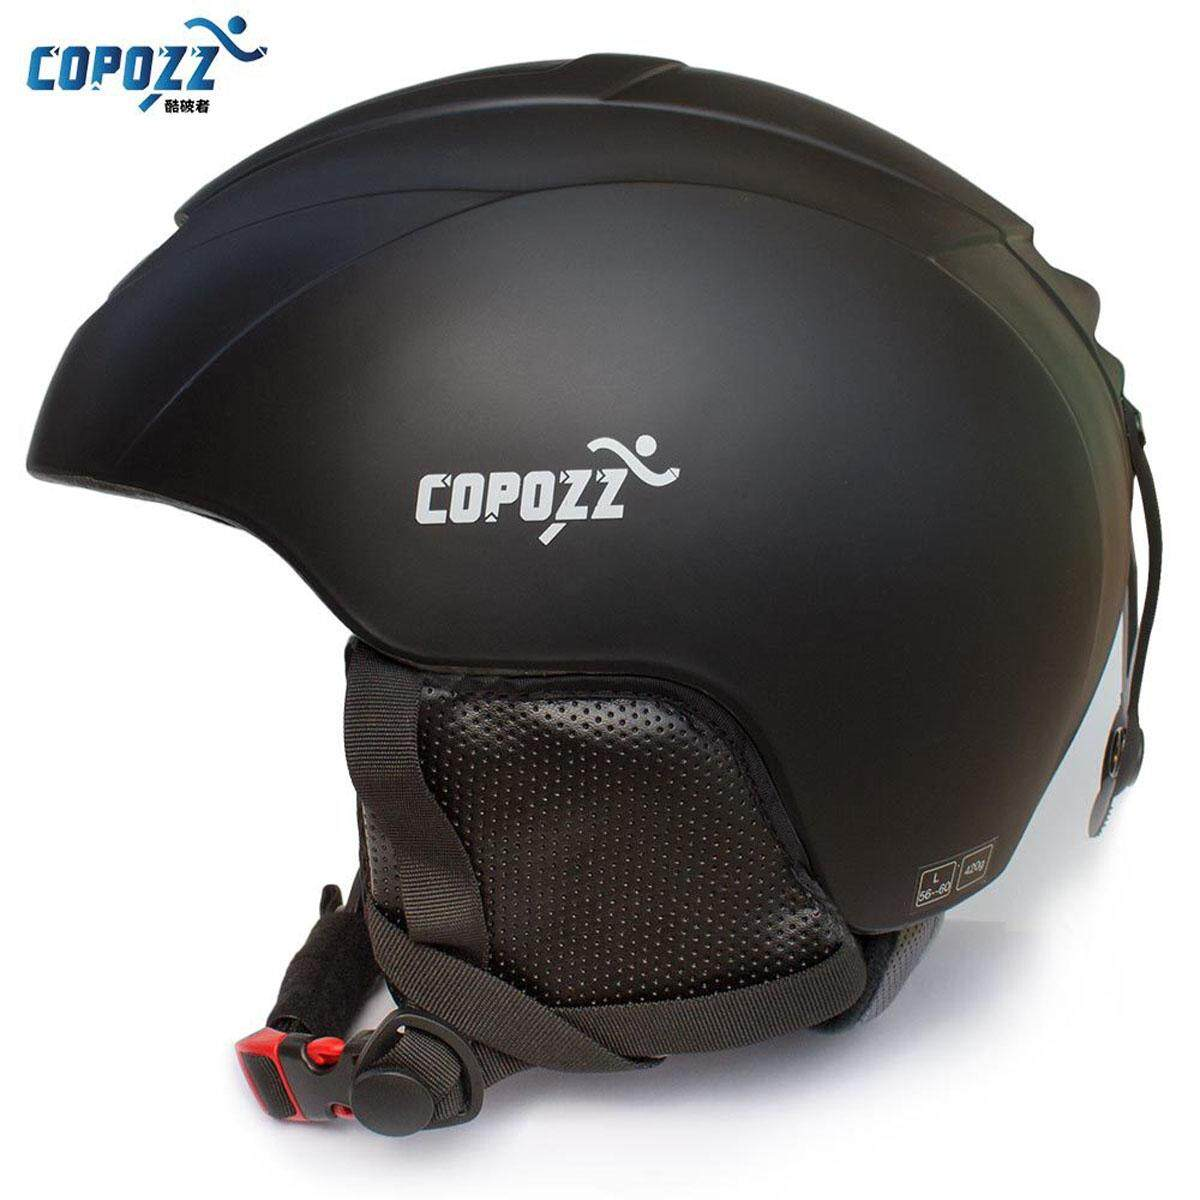 Copozz Ski Helmet Integrally-Molded Snowboard Helmet Men Women Skating Skateboard Skiing Helmet (black).